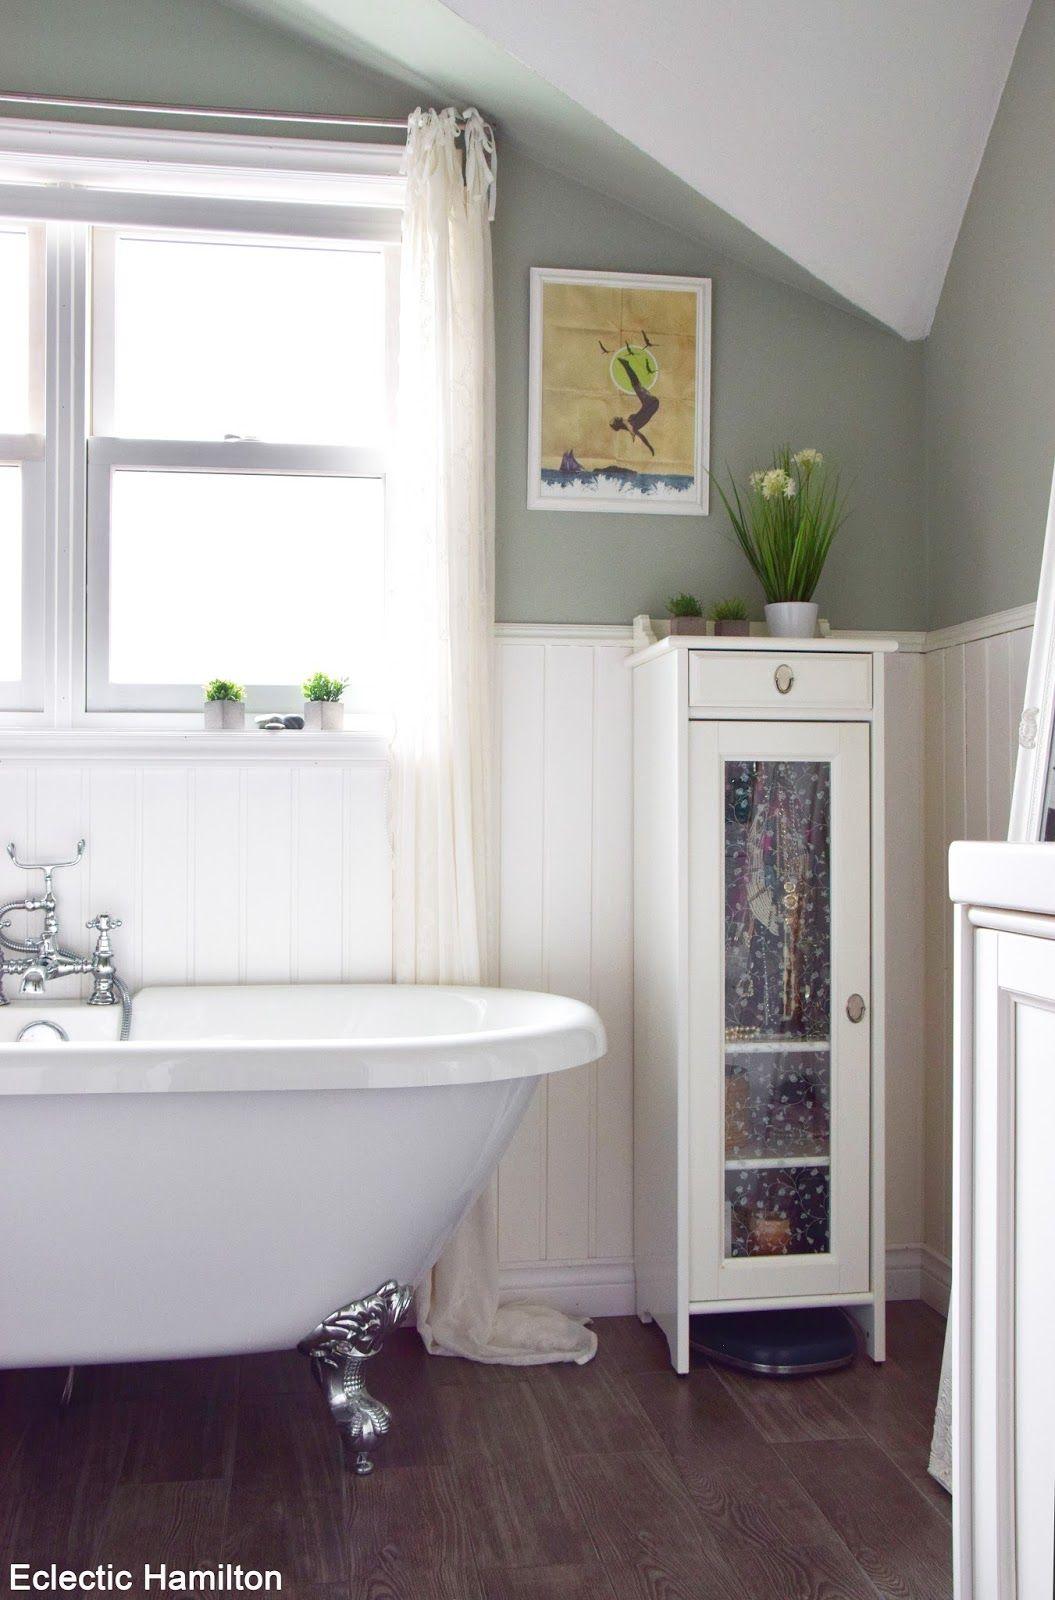 Charming Pflanzen Für Mein Badezimmer Und Einblicke (... Endlich Mal Wieder!)